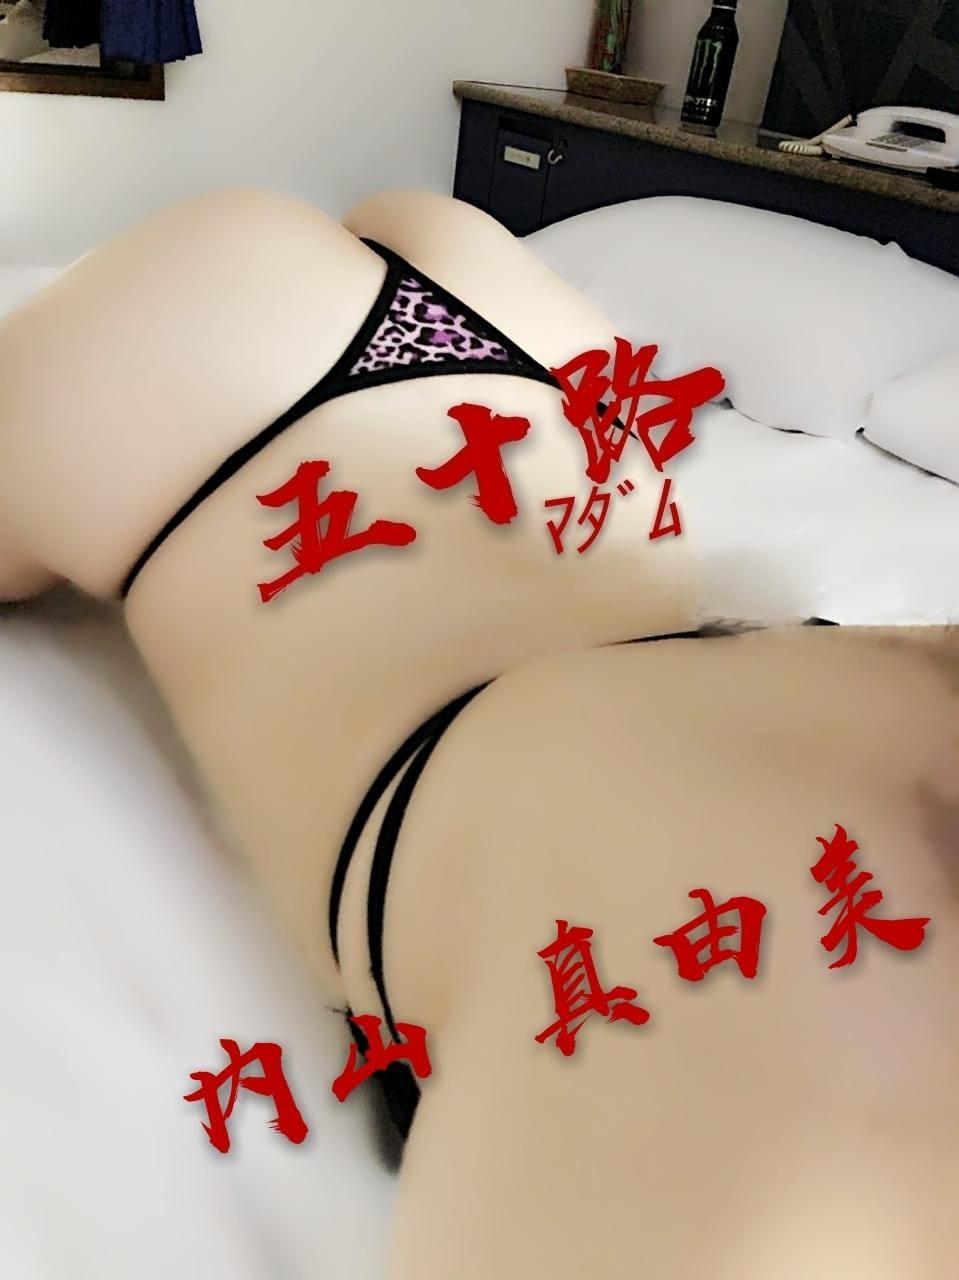 内山真由美「☆K様♪ぉ礼テ゛ス(#^.^#)♪☆」08/14(火) 03:56 | 内山真由美の写メ・風俗動画